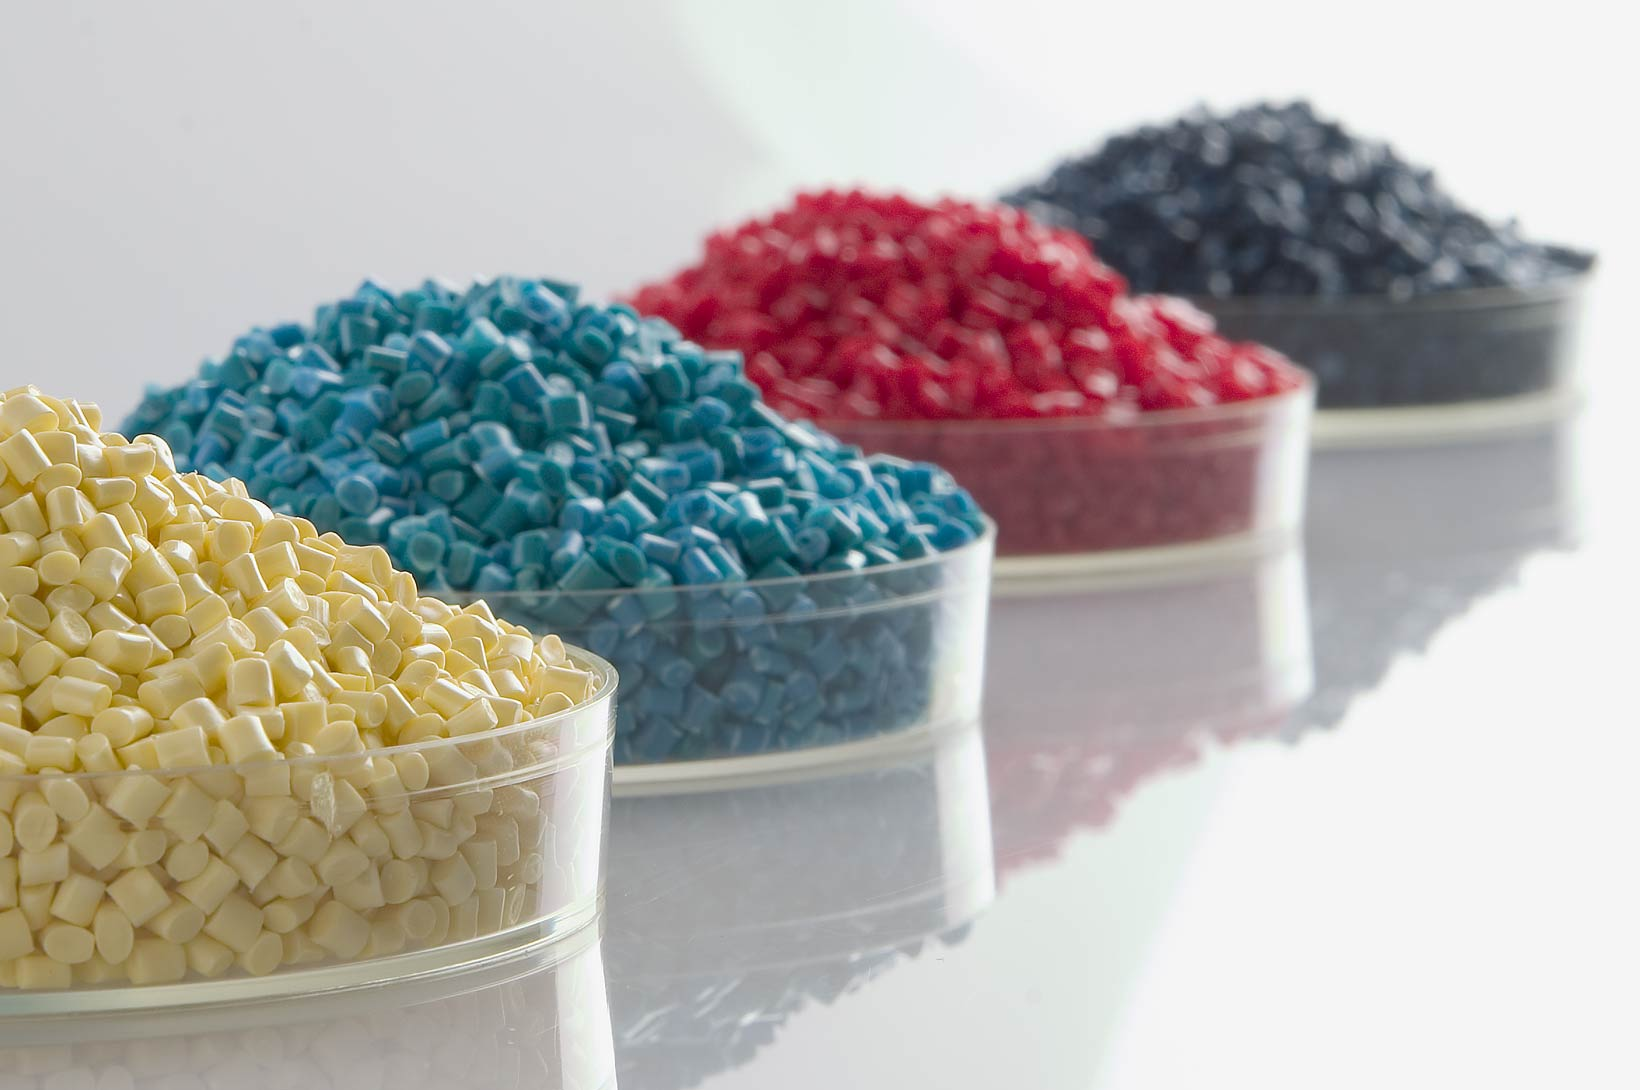 Тестирование полимера: цены